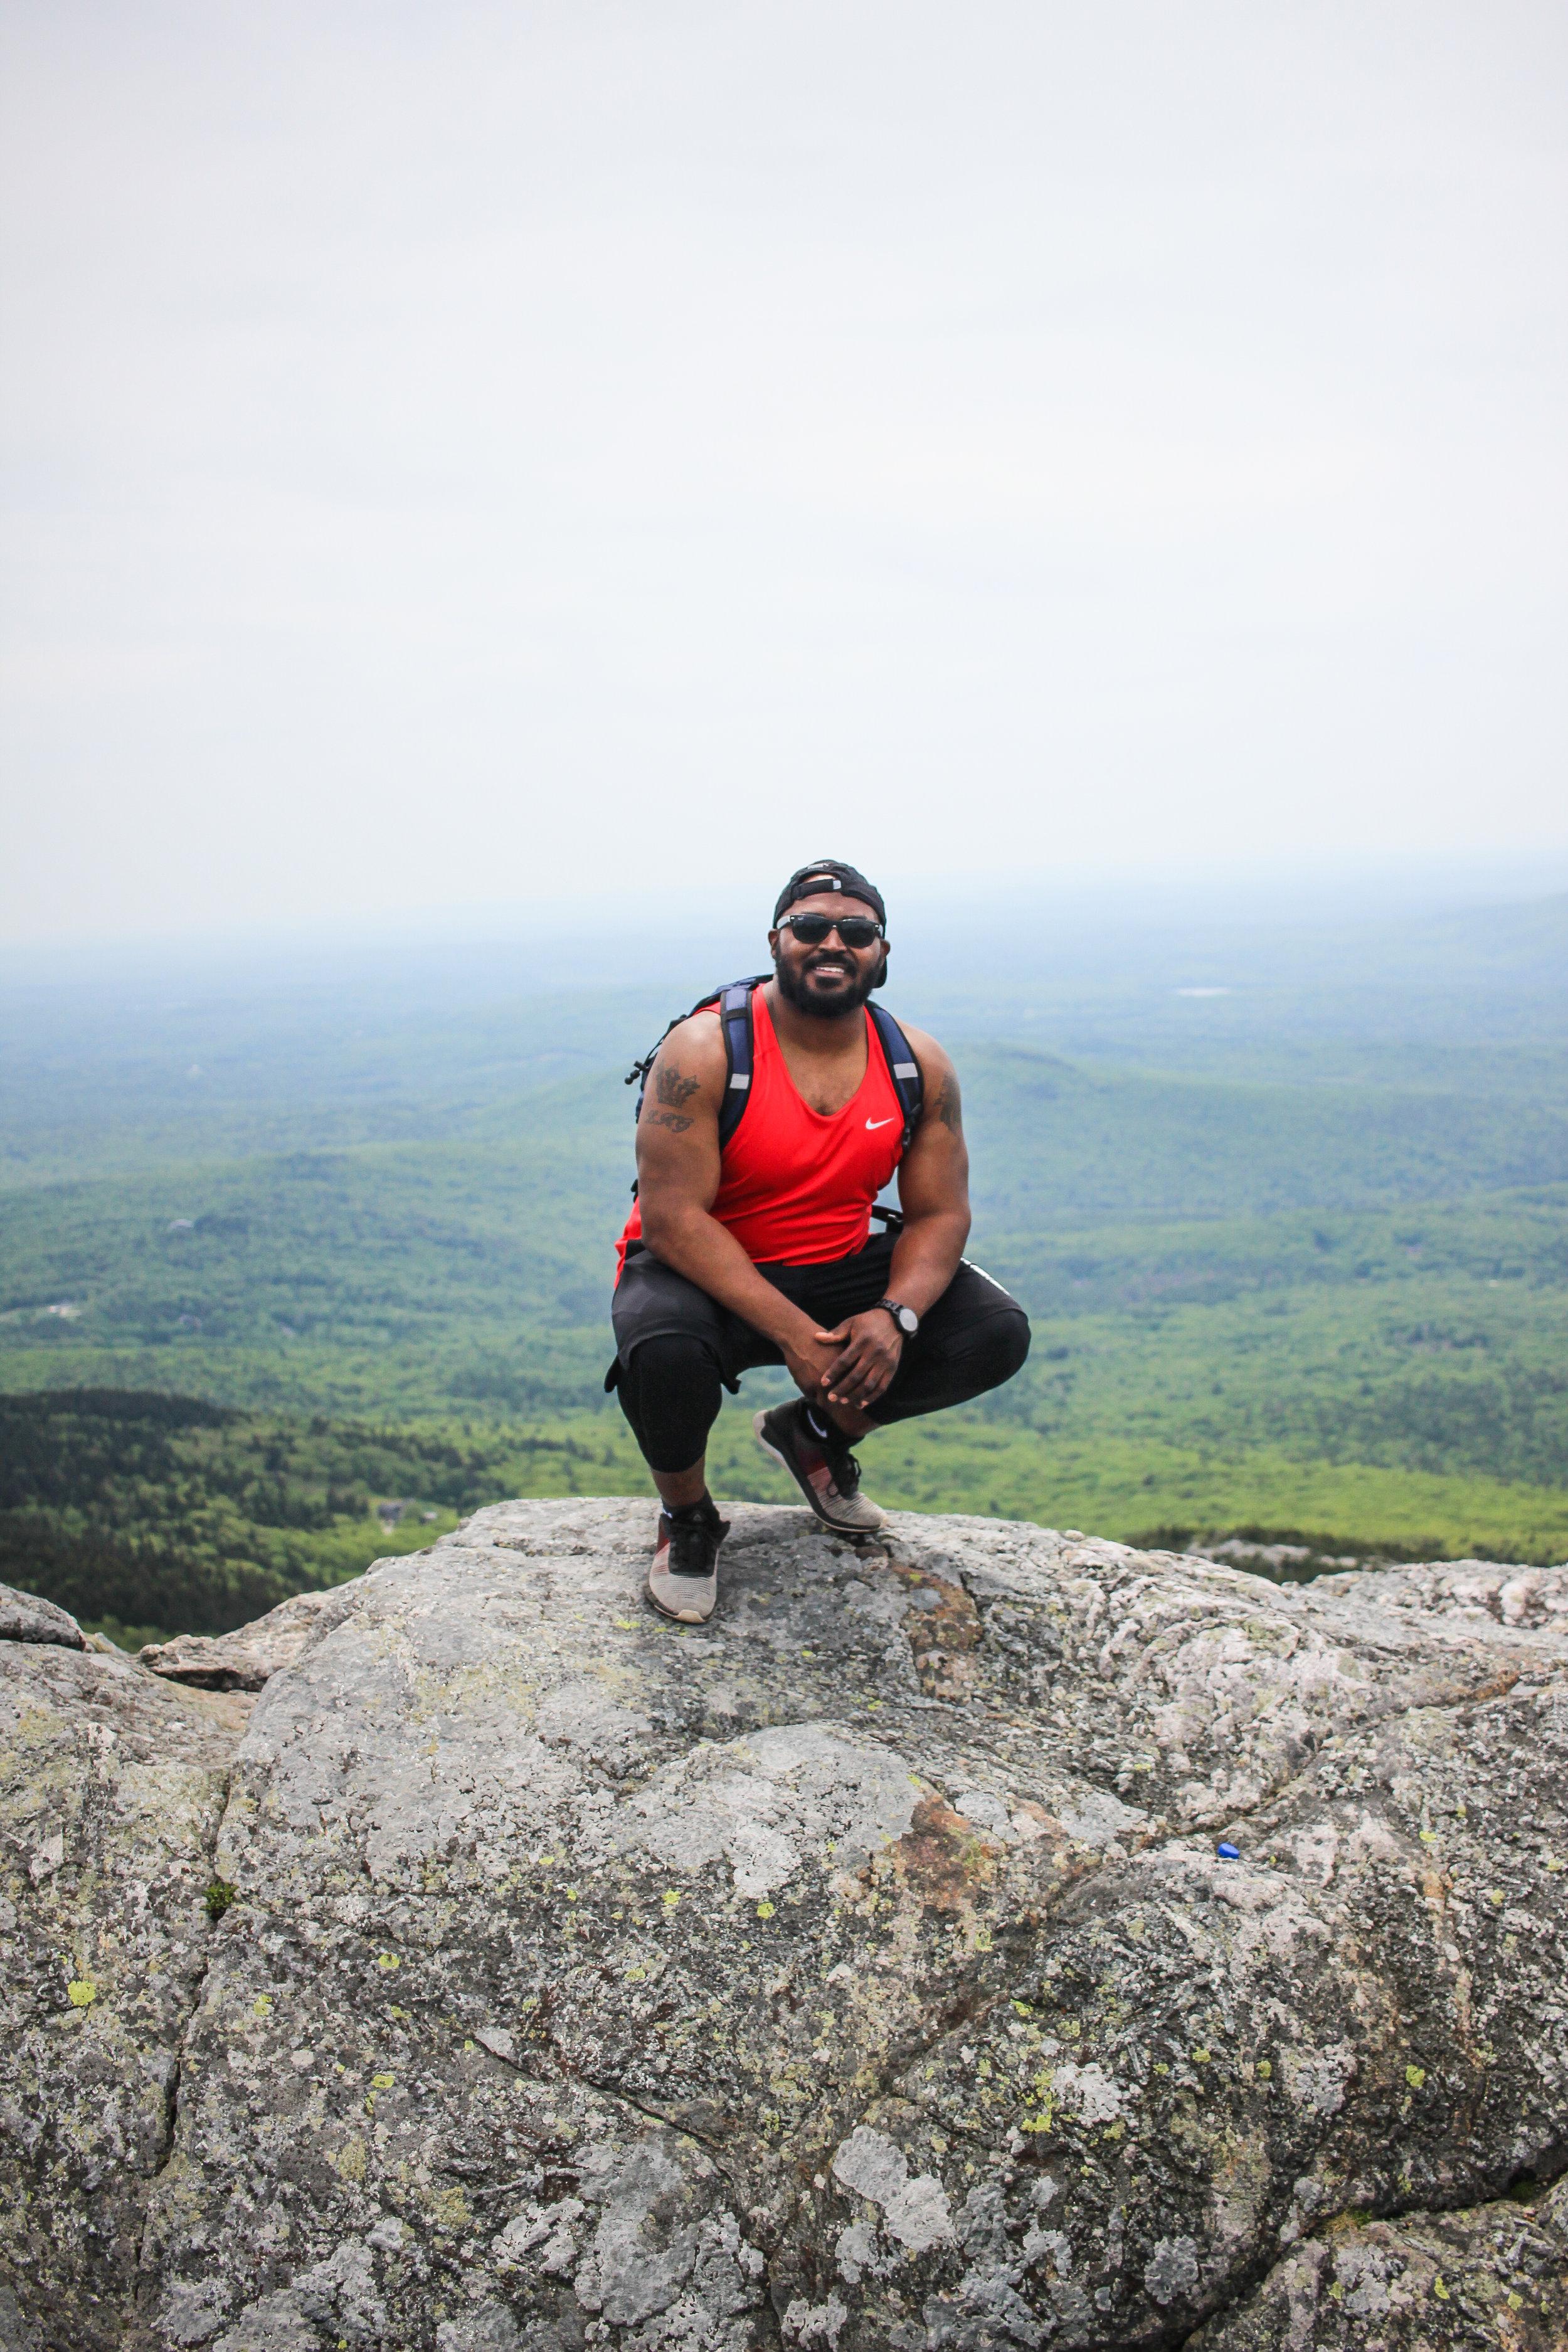 The summit of Mount Monadnock